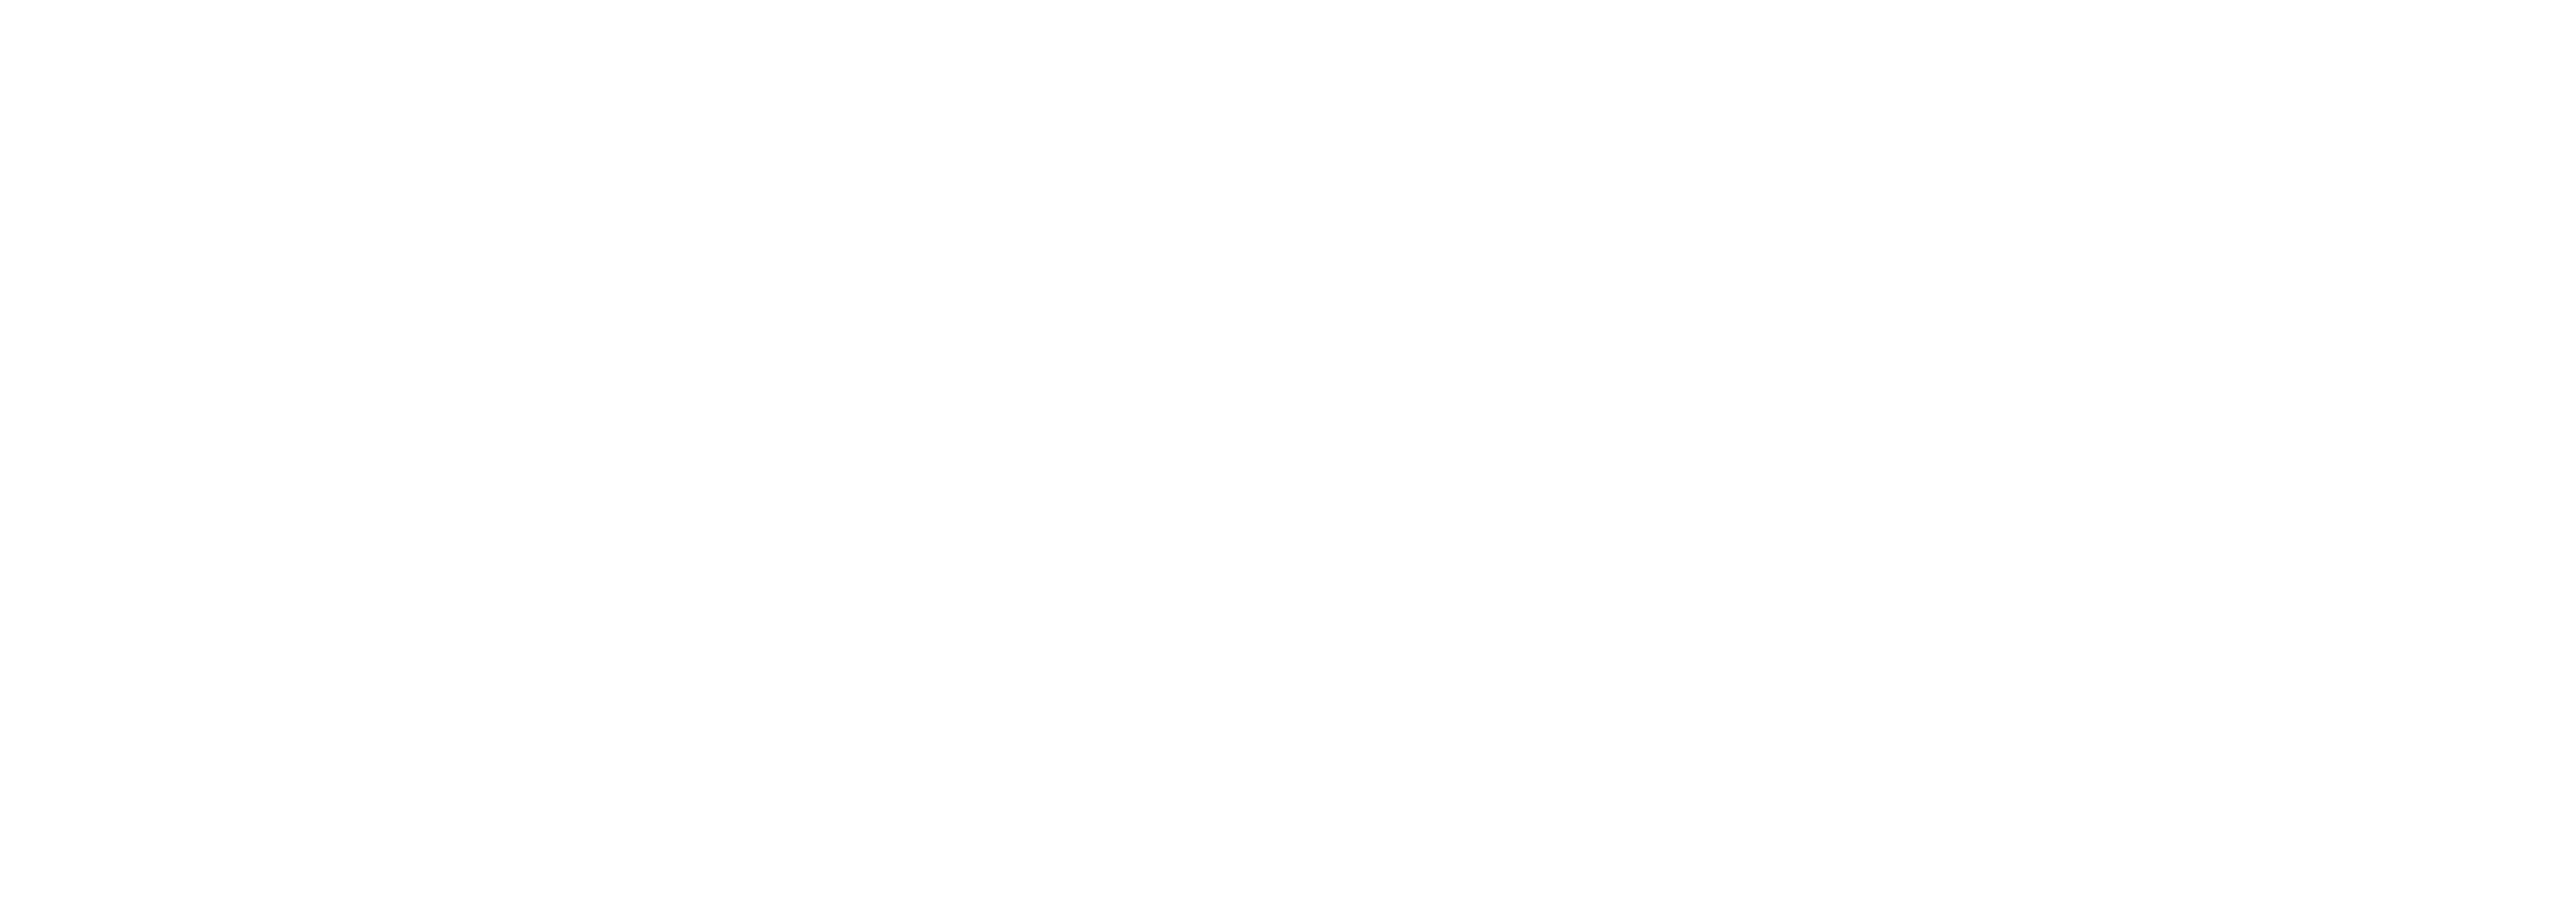 Aangesloten bij Stichting IJsselgraaf